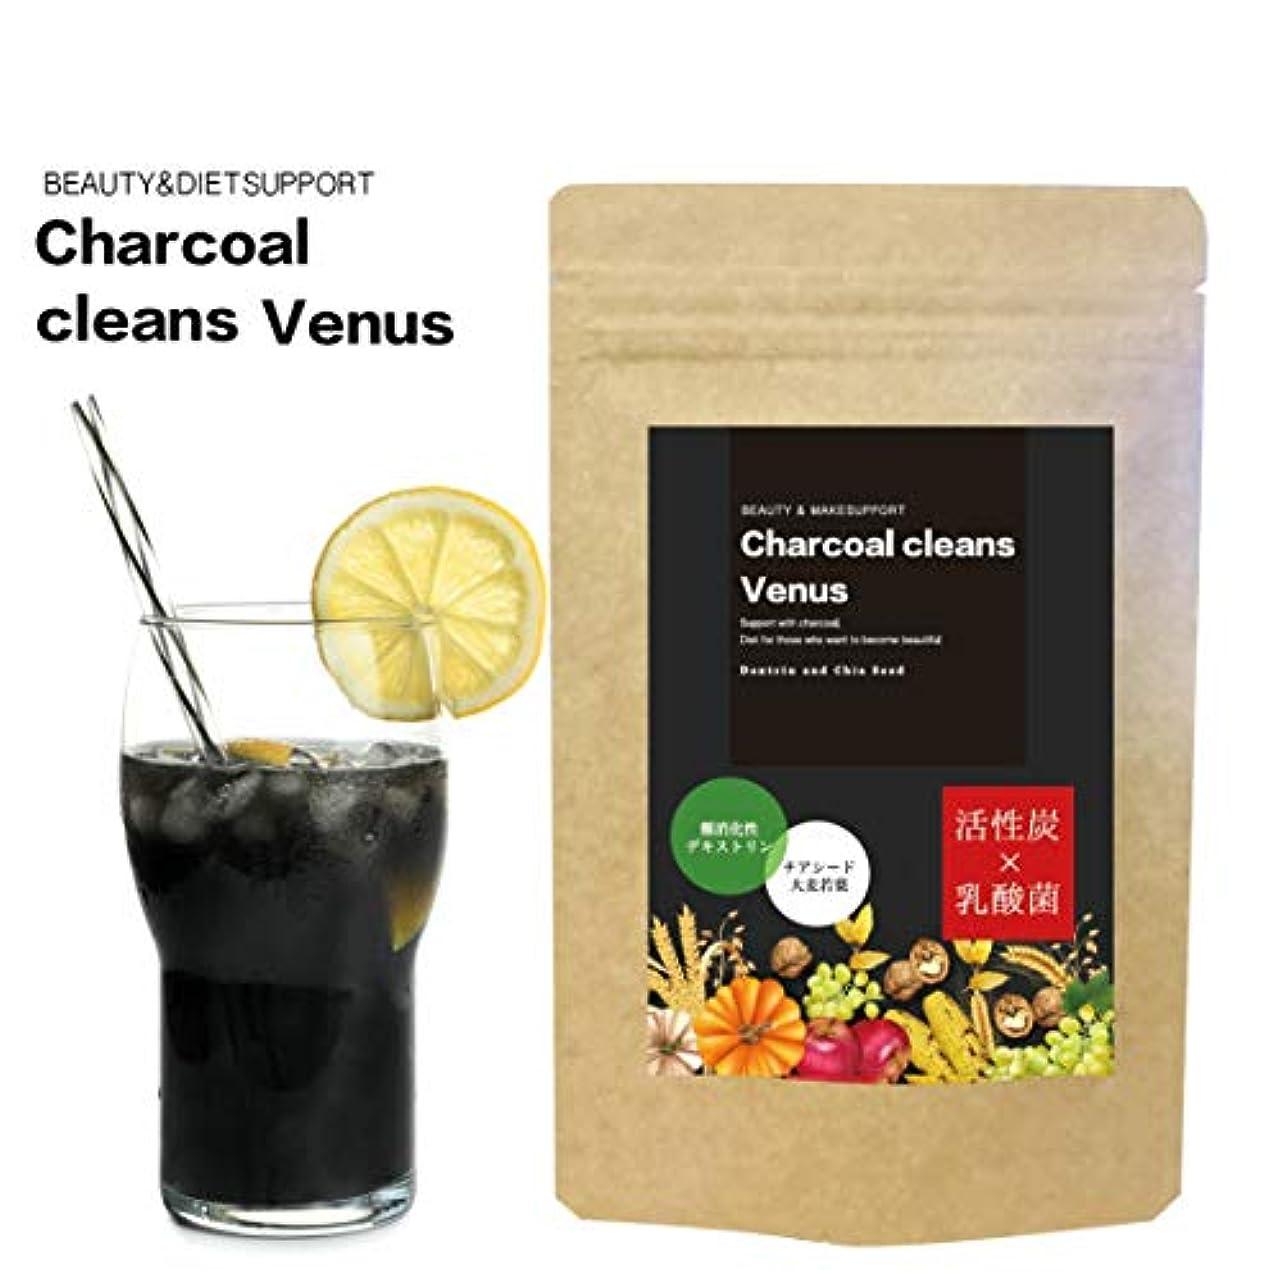 気取らないドル位置づける炭 デトックス & ダイエット 活性炭 + 乳酸菌 チャコールクレンズ ビーナス 約1ヶ月分 150g フルーツMIX味